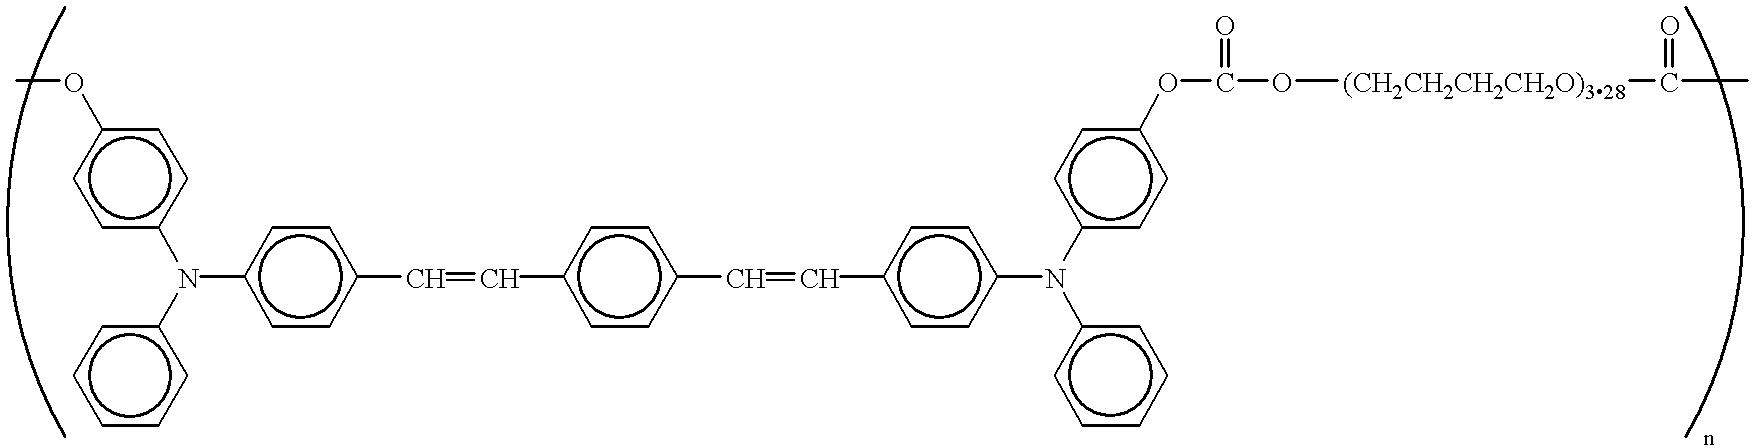 Figure US06558863-20030506-C00044